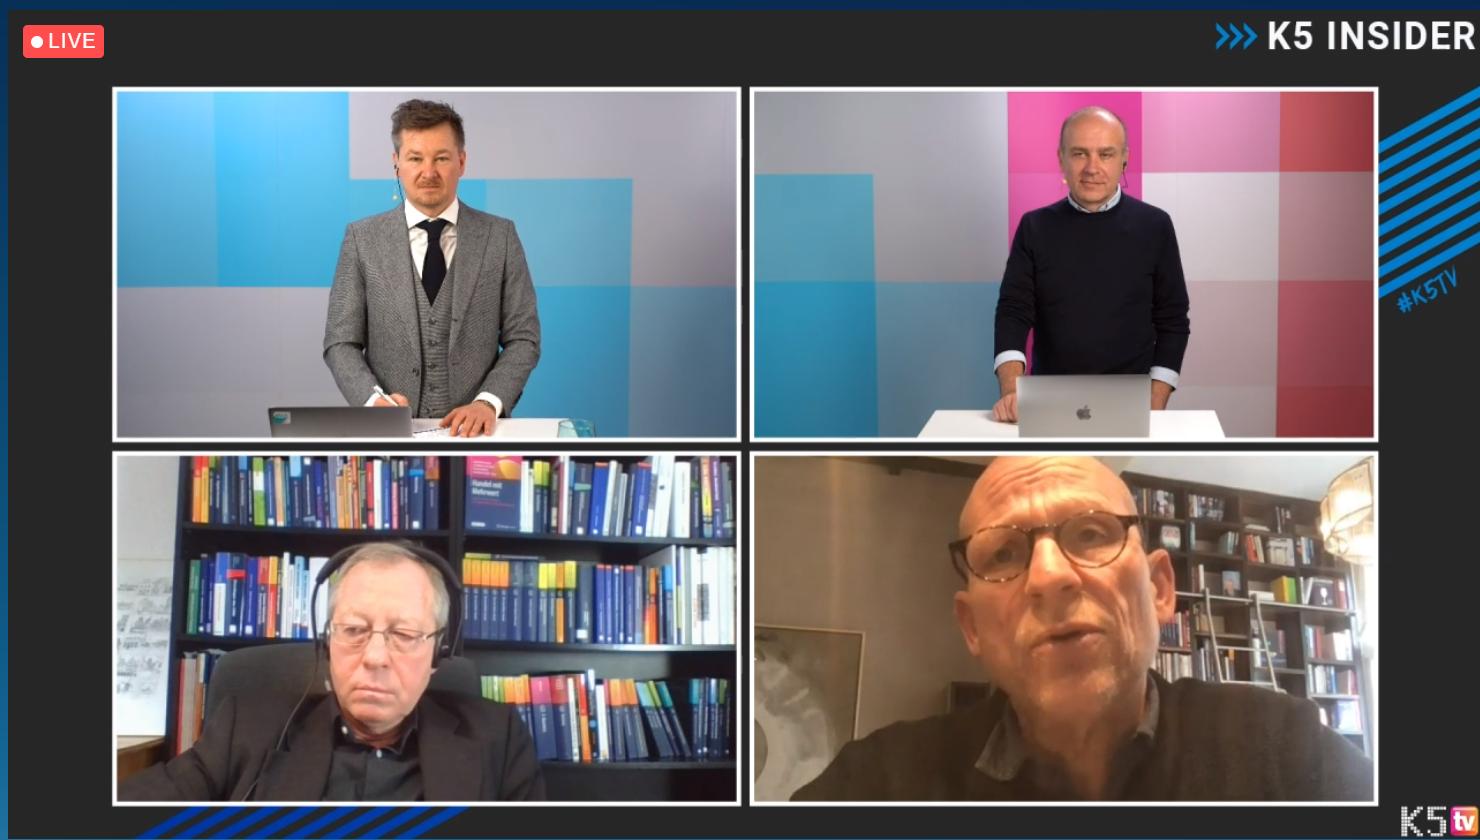 Michael Busch, Gerrit Heinemann, Sven Rittau und Jochen Krisch